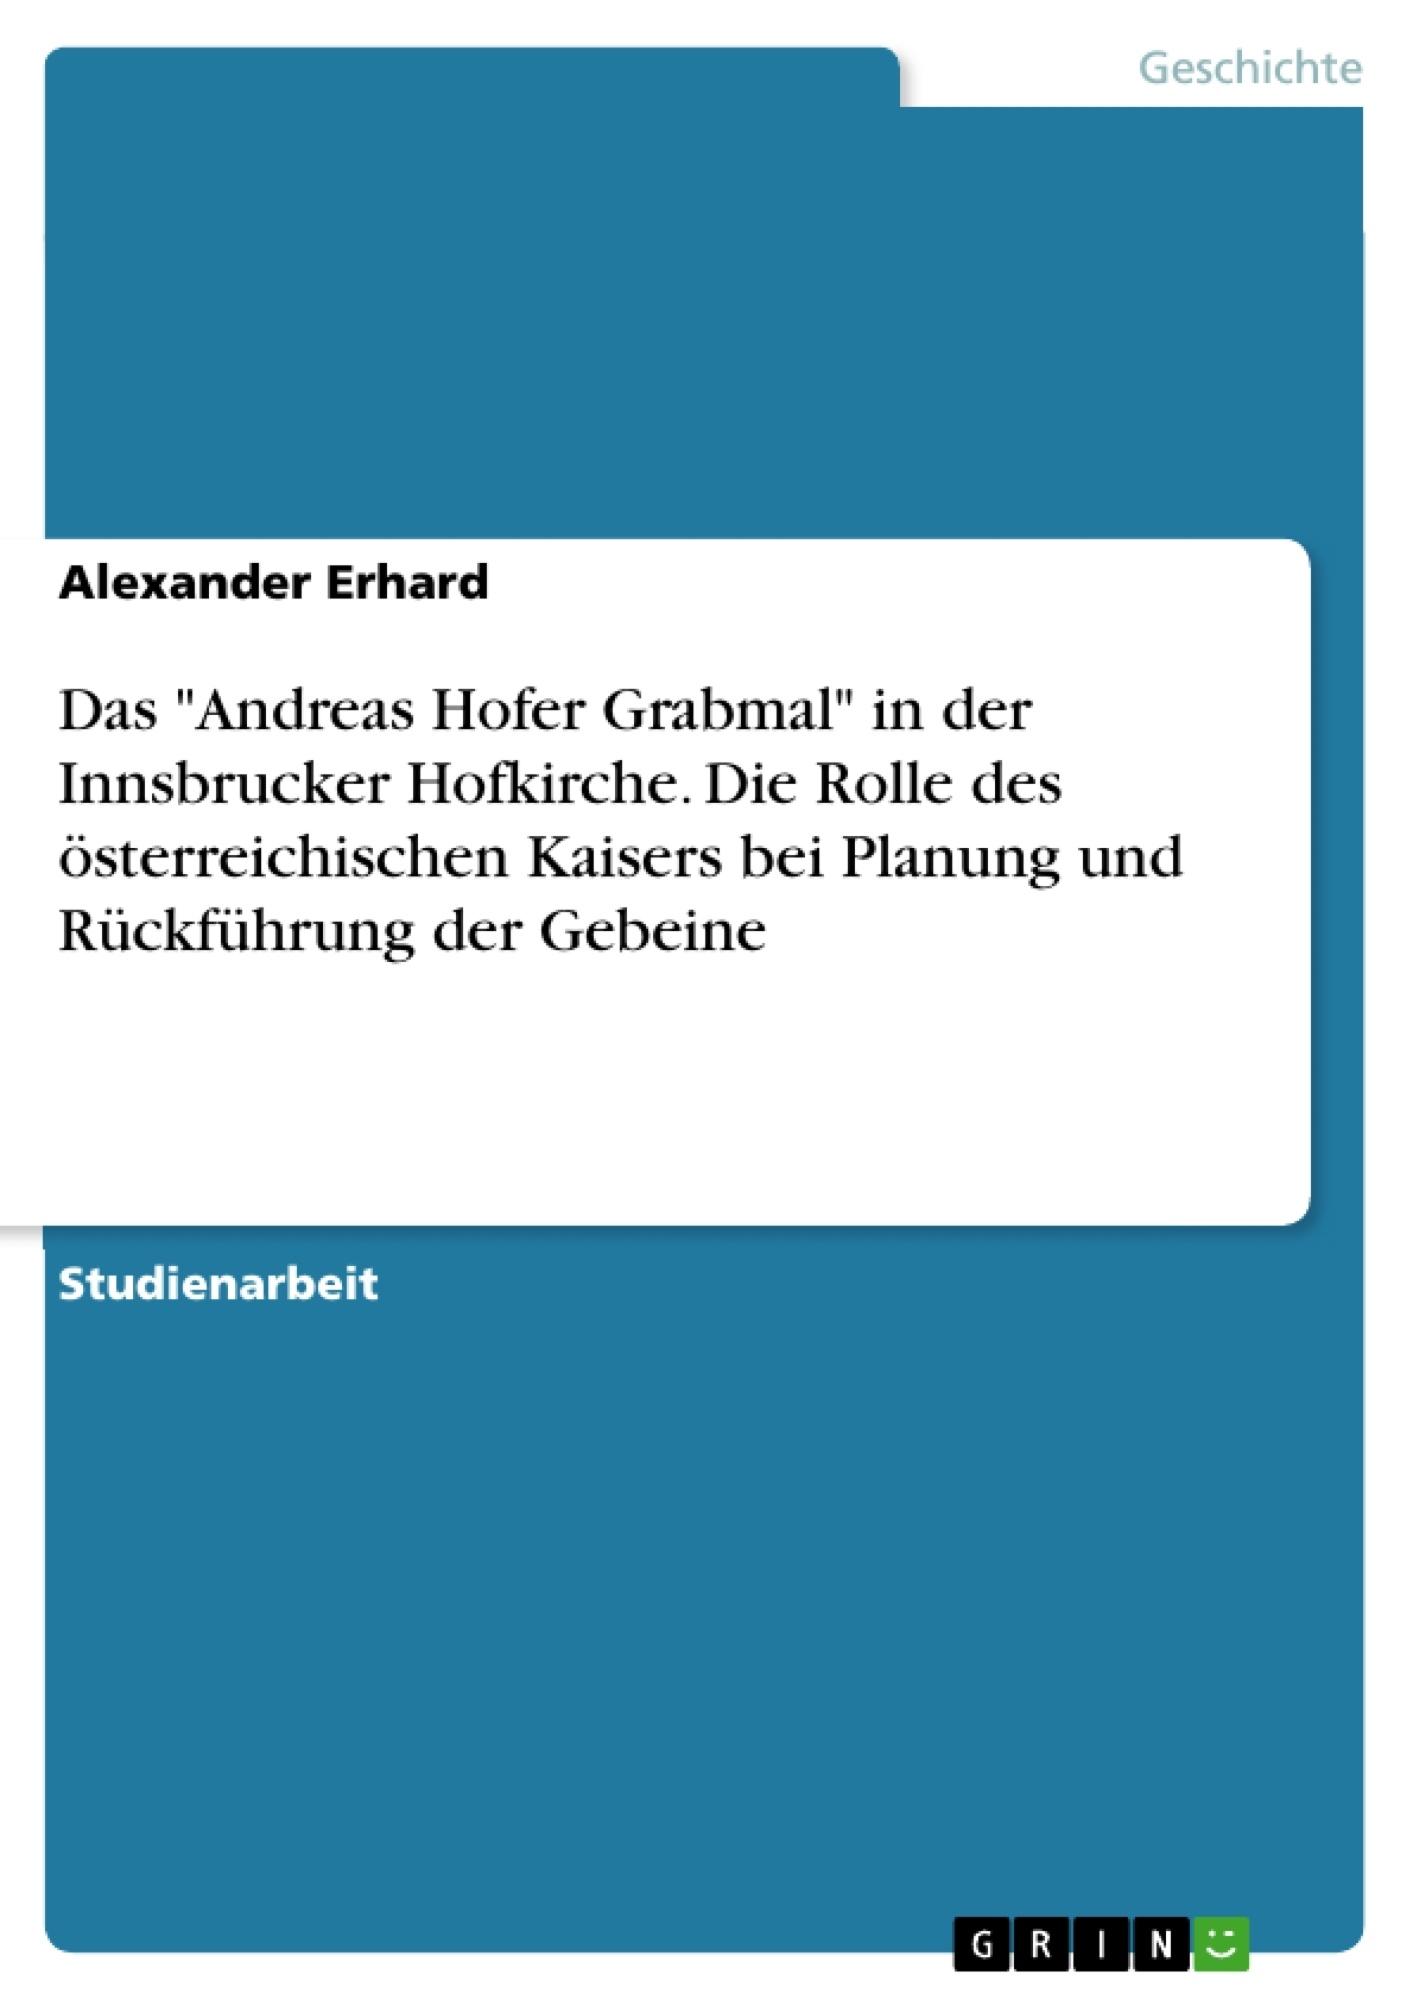 """Titel: Das """"Andreas Hofer Grabmal"""" in der Innsbrucker Hofkirche. Die Rolle des österreichischen Kaisers bei Planung und Rückführung der Gebeine"""